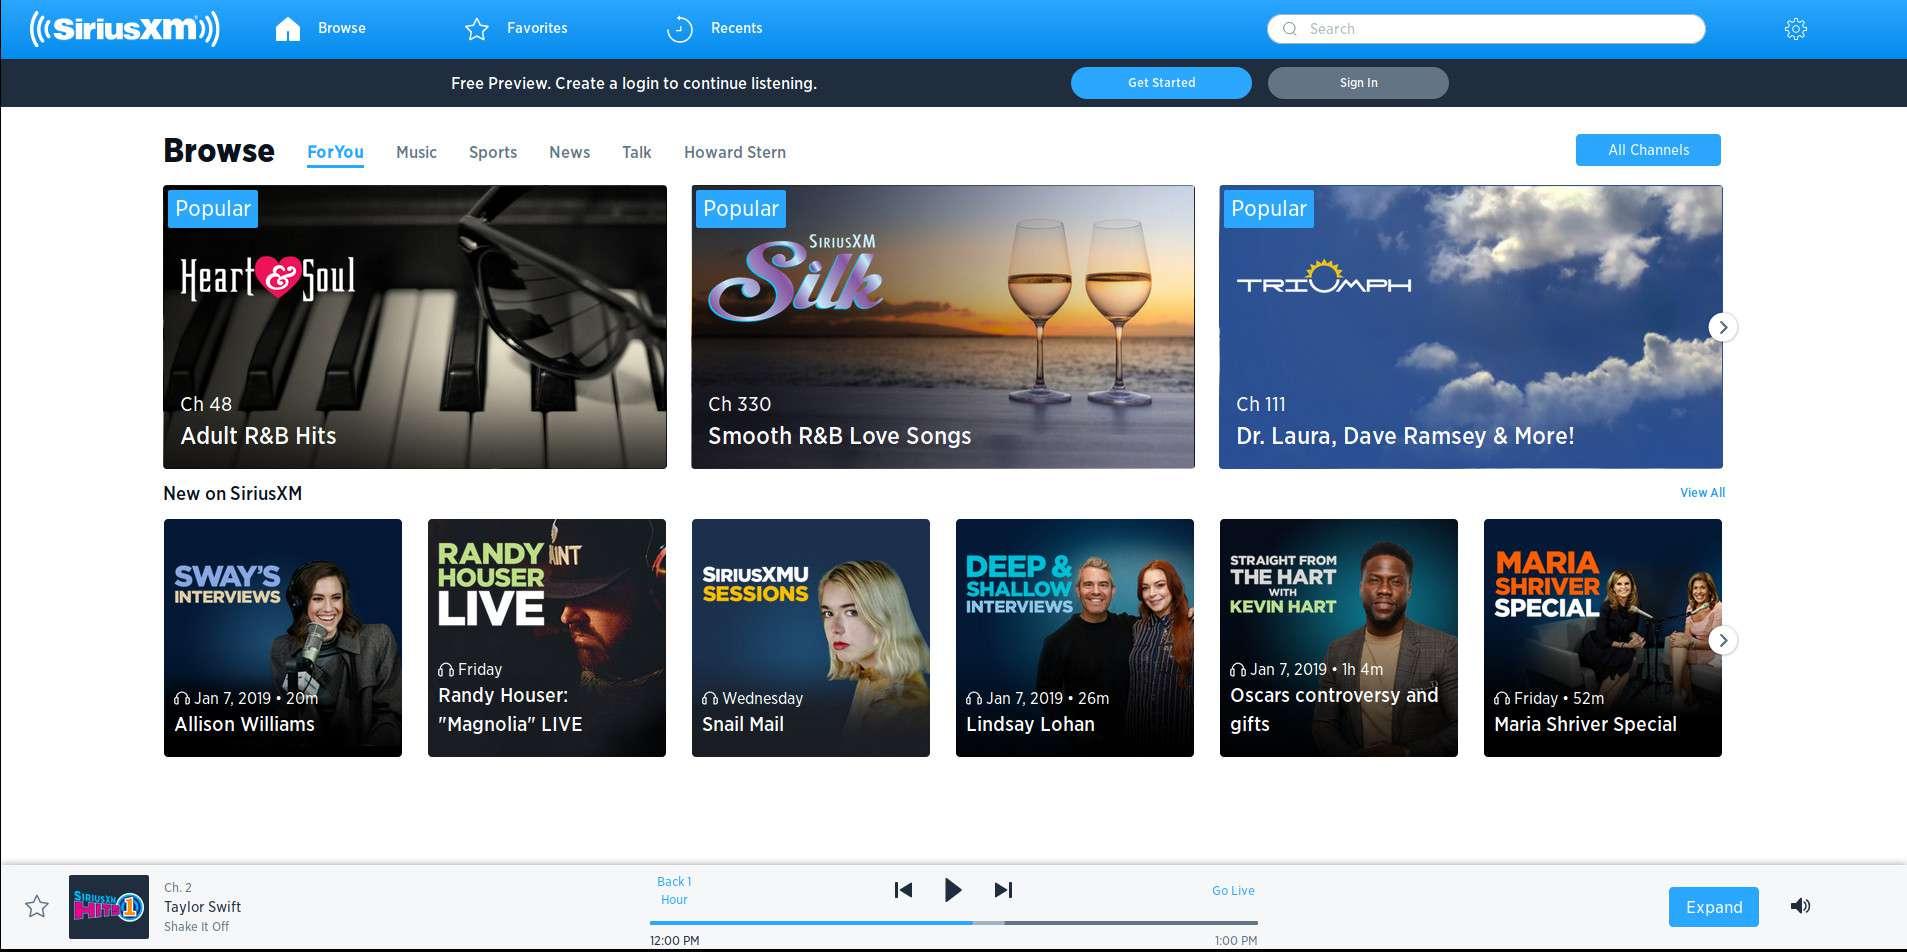 SiriusXM player homepage.